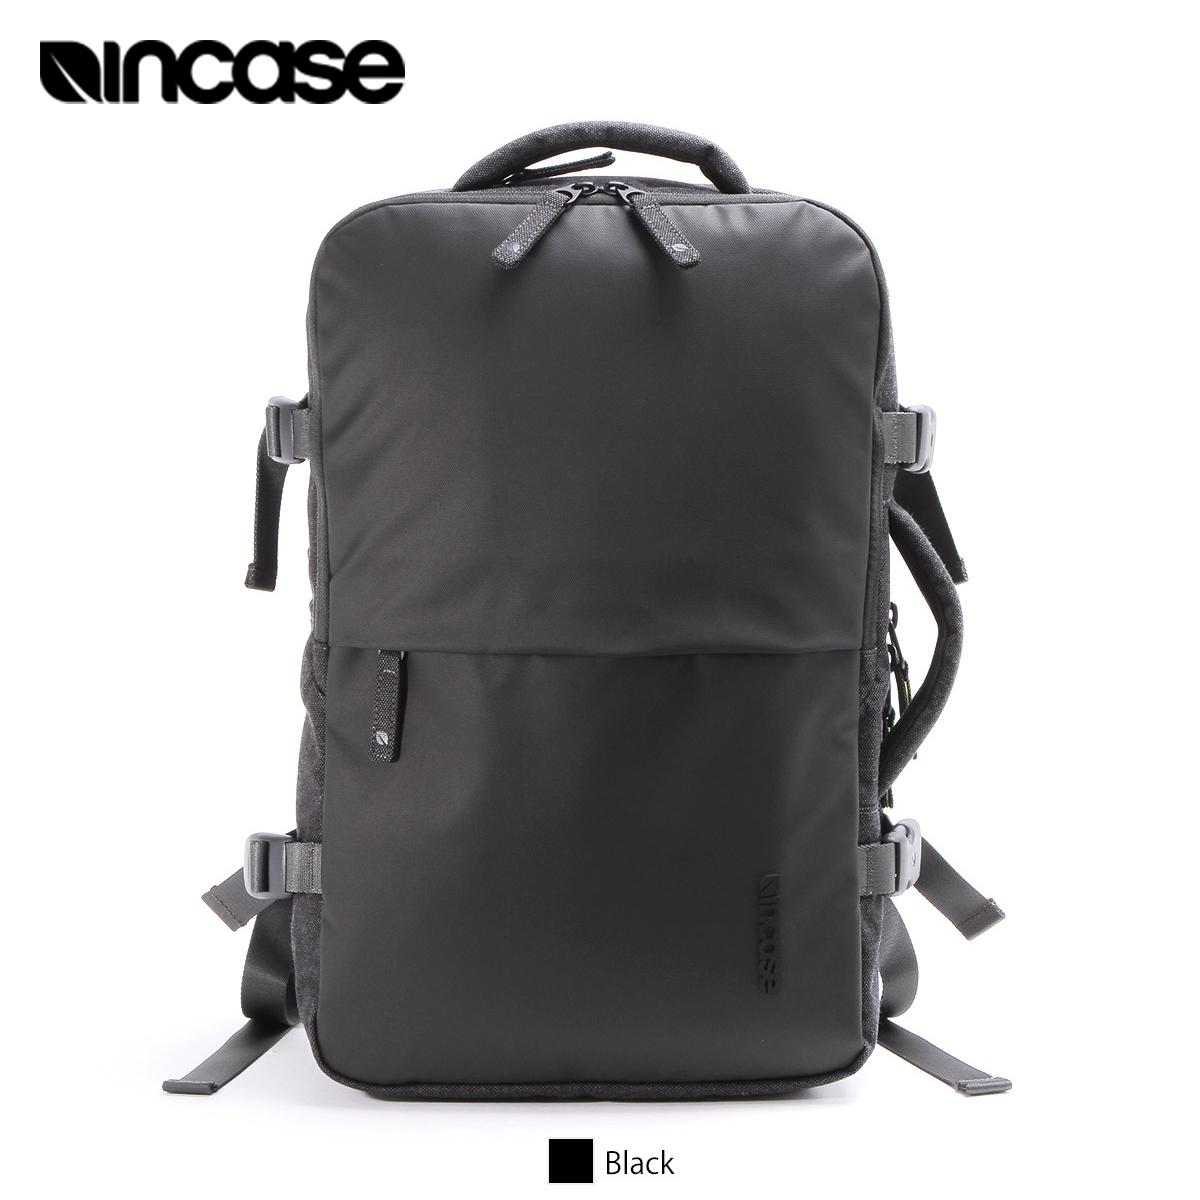 【正規販売店】インケース EO トラベル バックパック リュック EO Travel Backpack Incase CL90004